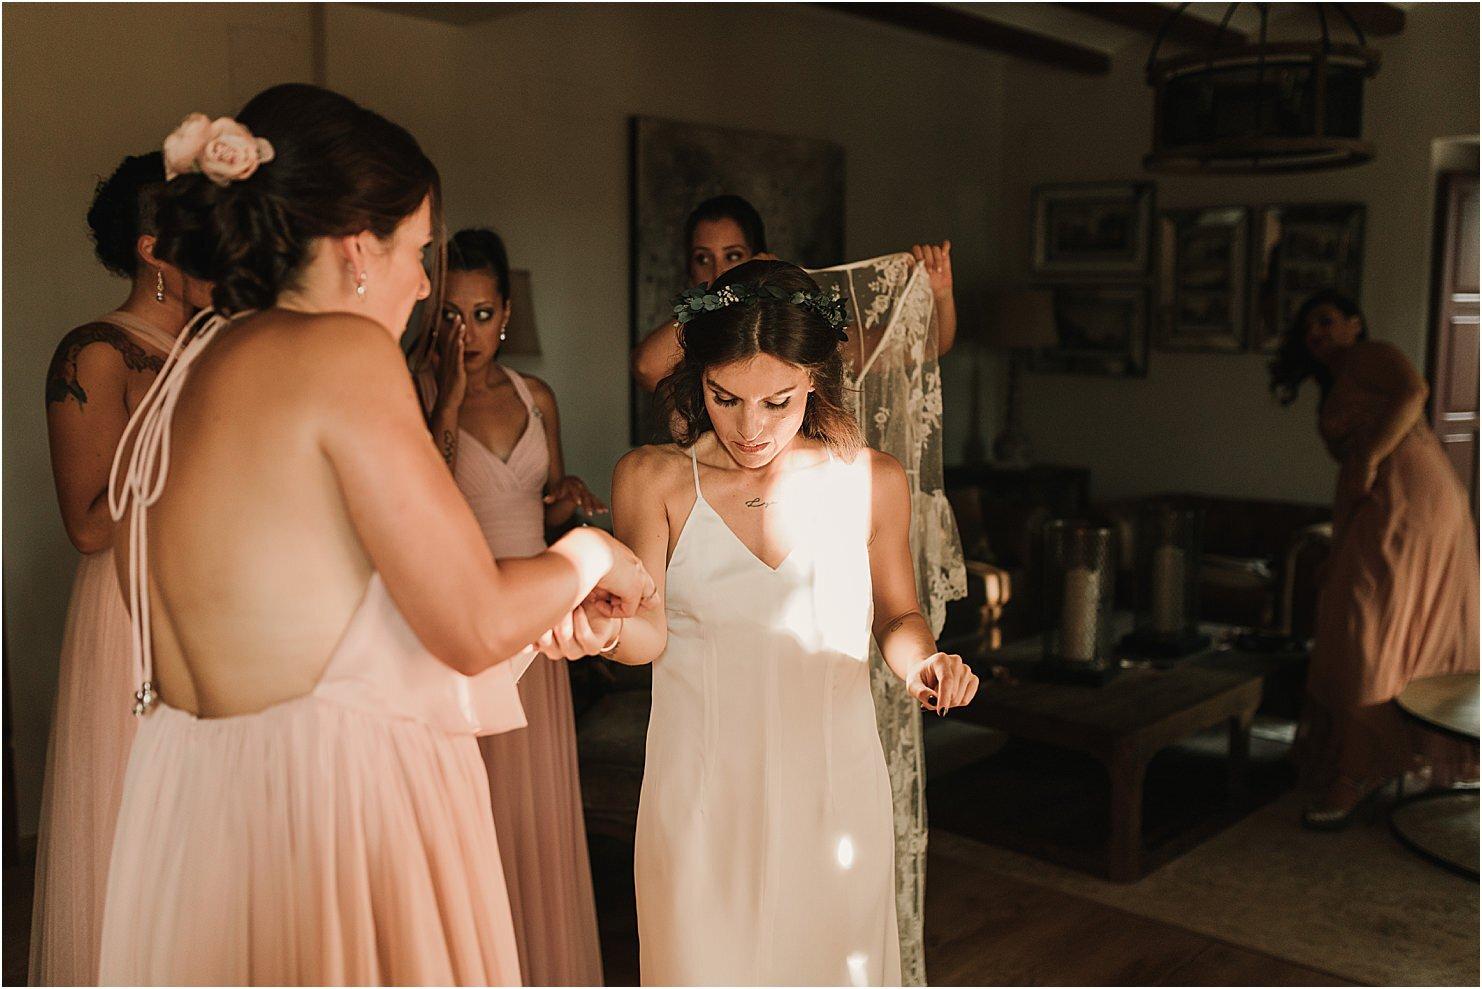 boda-boho-vestido-de-novia-boho-35.jpg